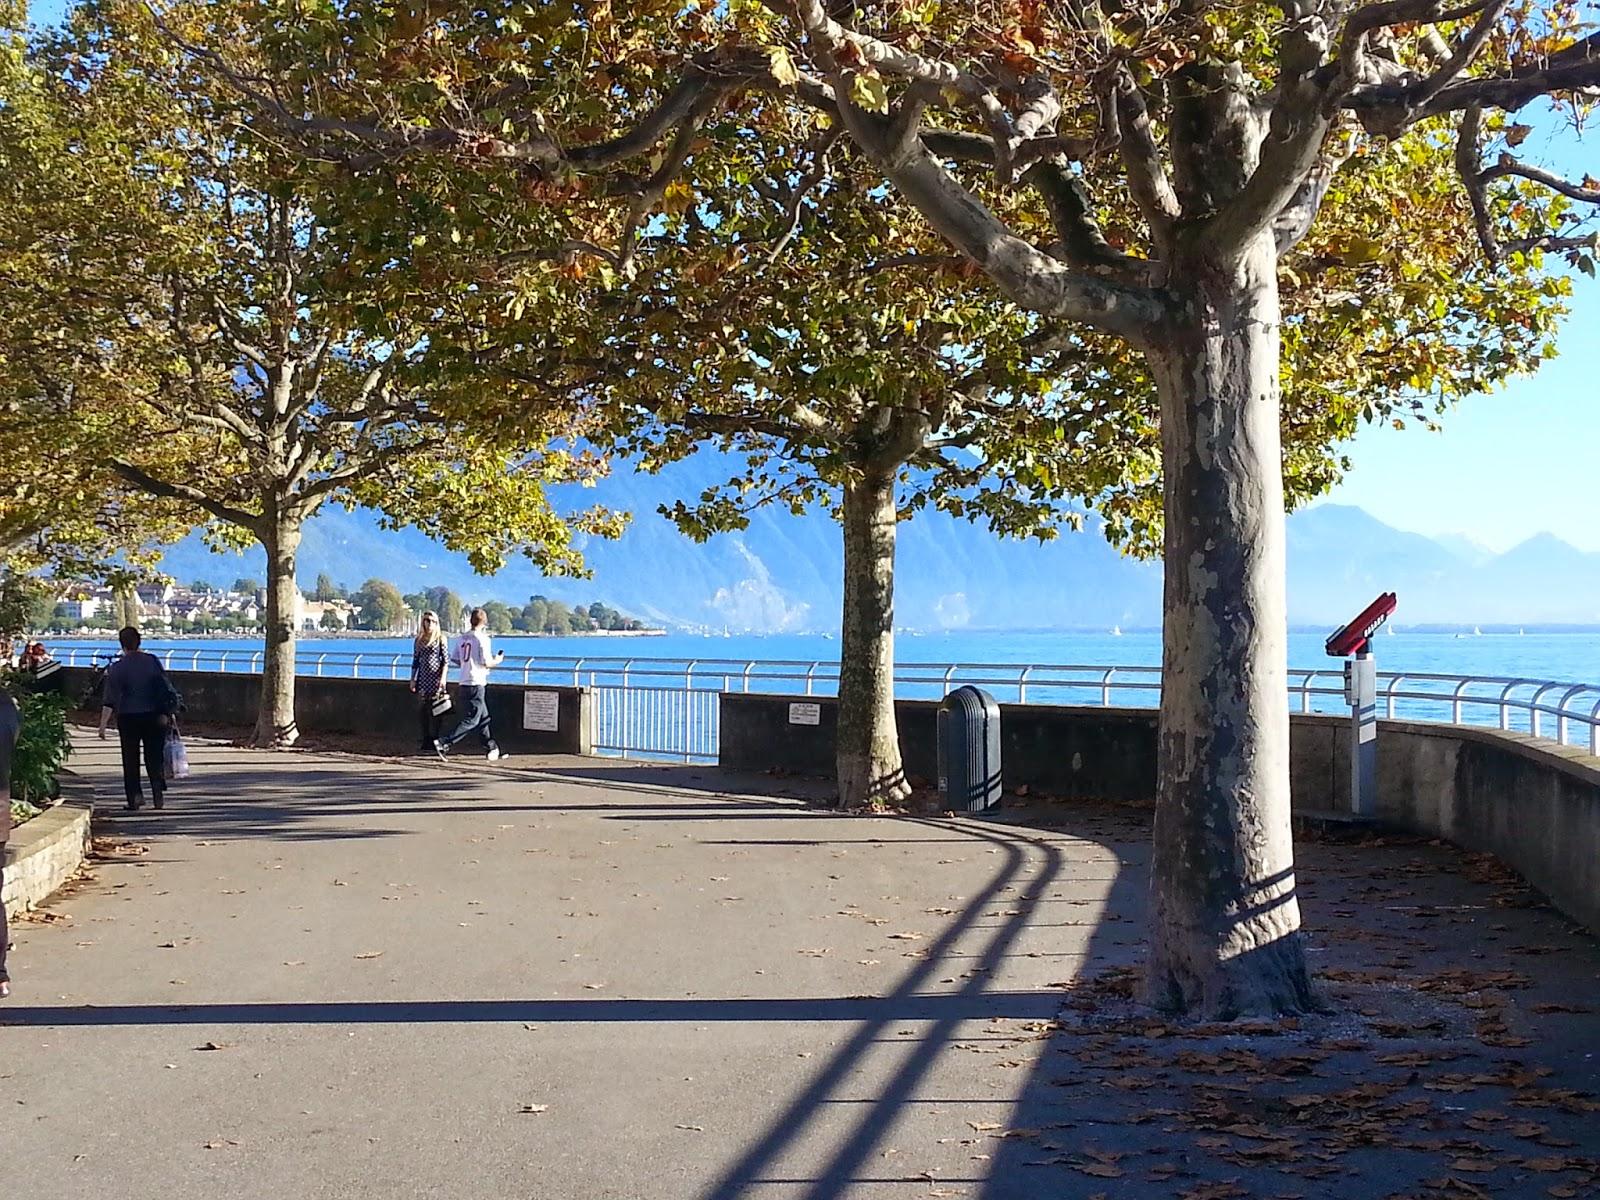 Passeio em Vevey # Lac Leman